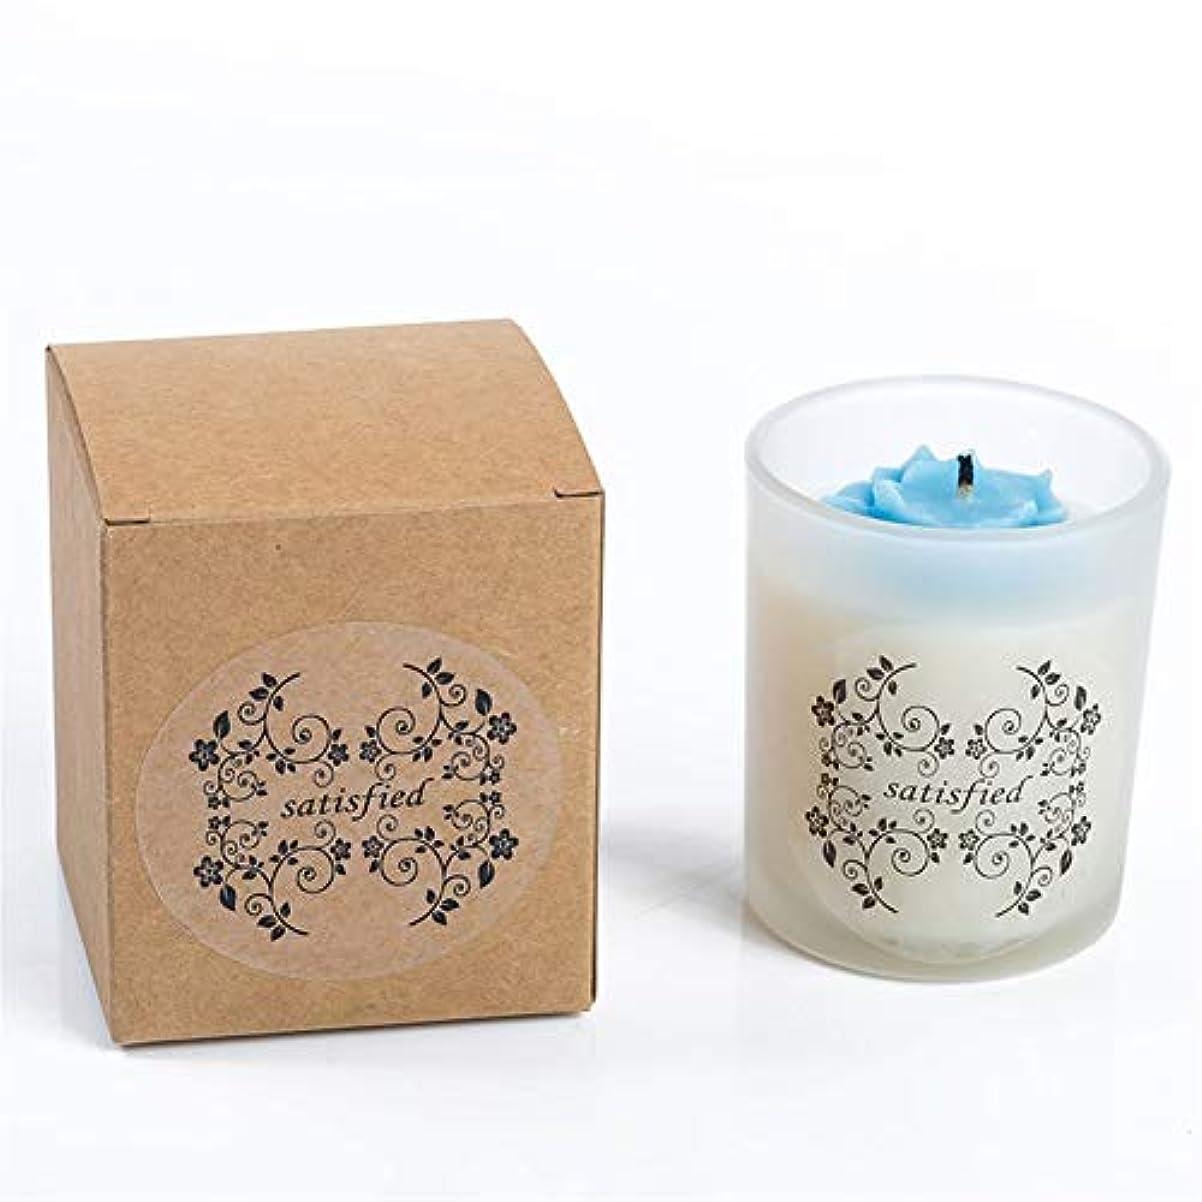 冷蔵庫名詞指標Guomao 小さなバラの香りのキャンドルつや消しガラス無煙大豆キャンドル (色 : Night scent)